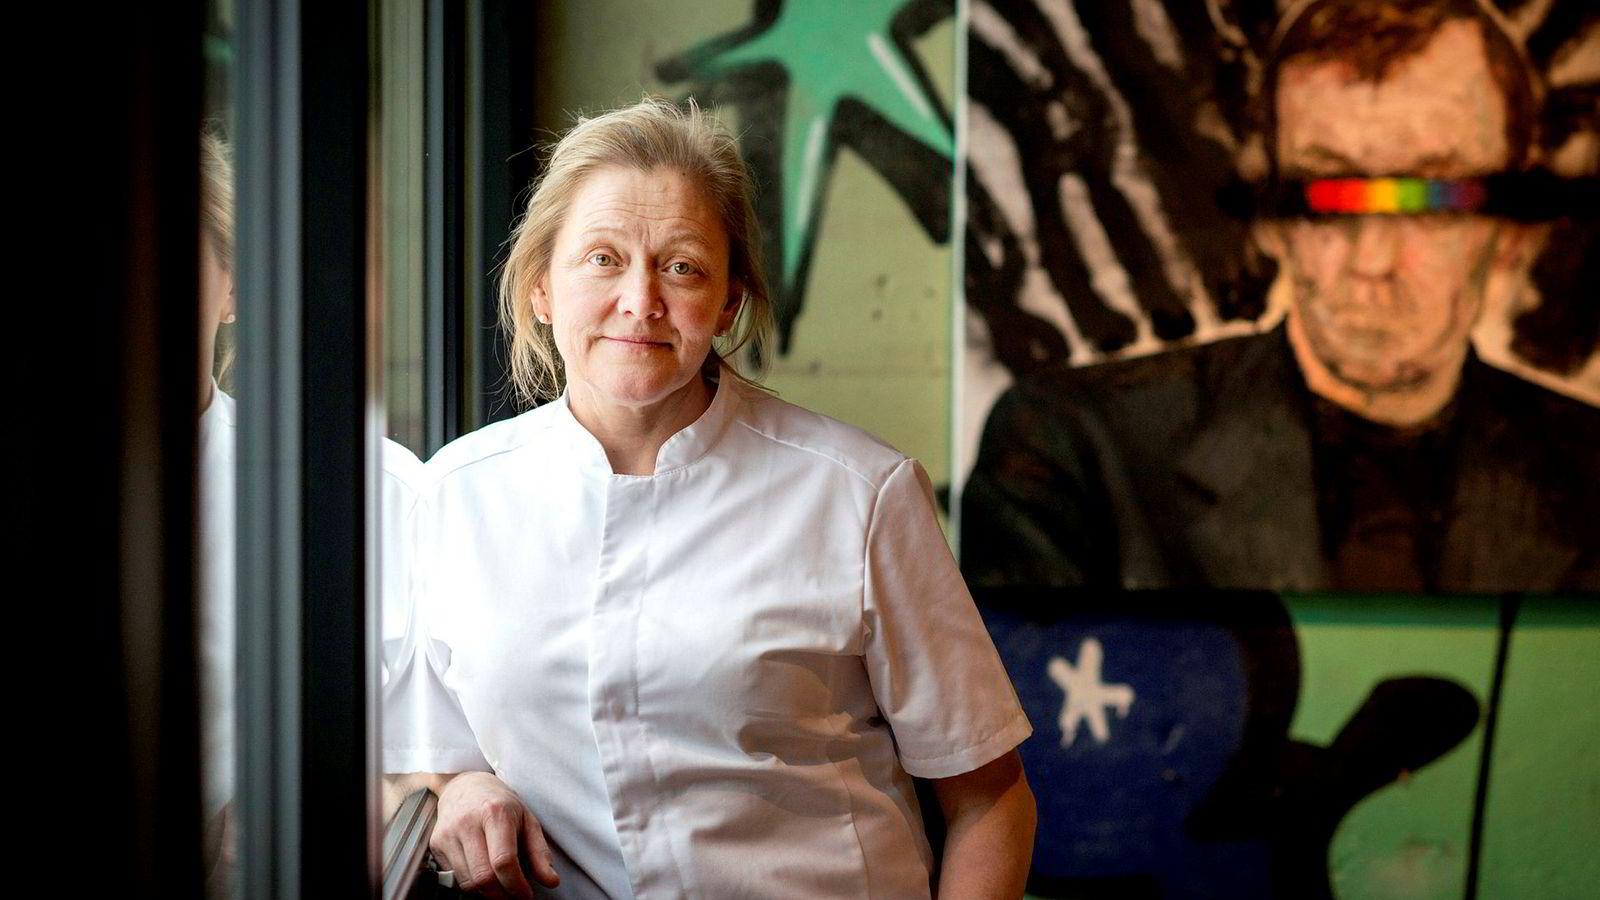 Heidi Bjerkan, eier av restauranten Credo i Trondheim, lurte på om politiet og Skatteetaten var helt gale da 14 personer troppet opp på den fulle restauranten for å drive tilsyn i flere timer.